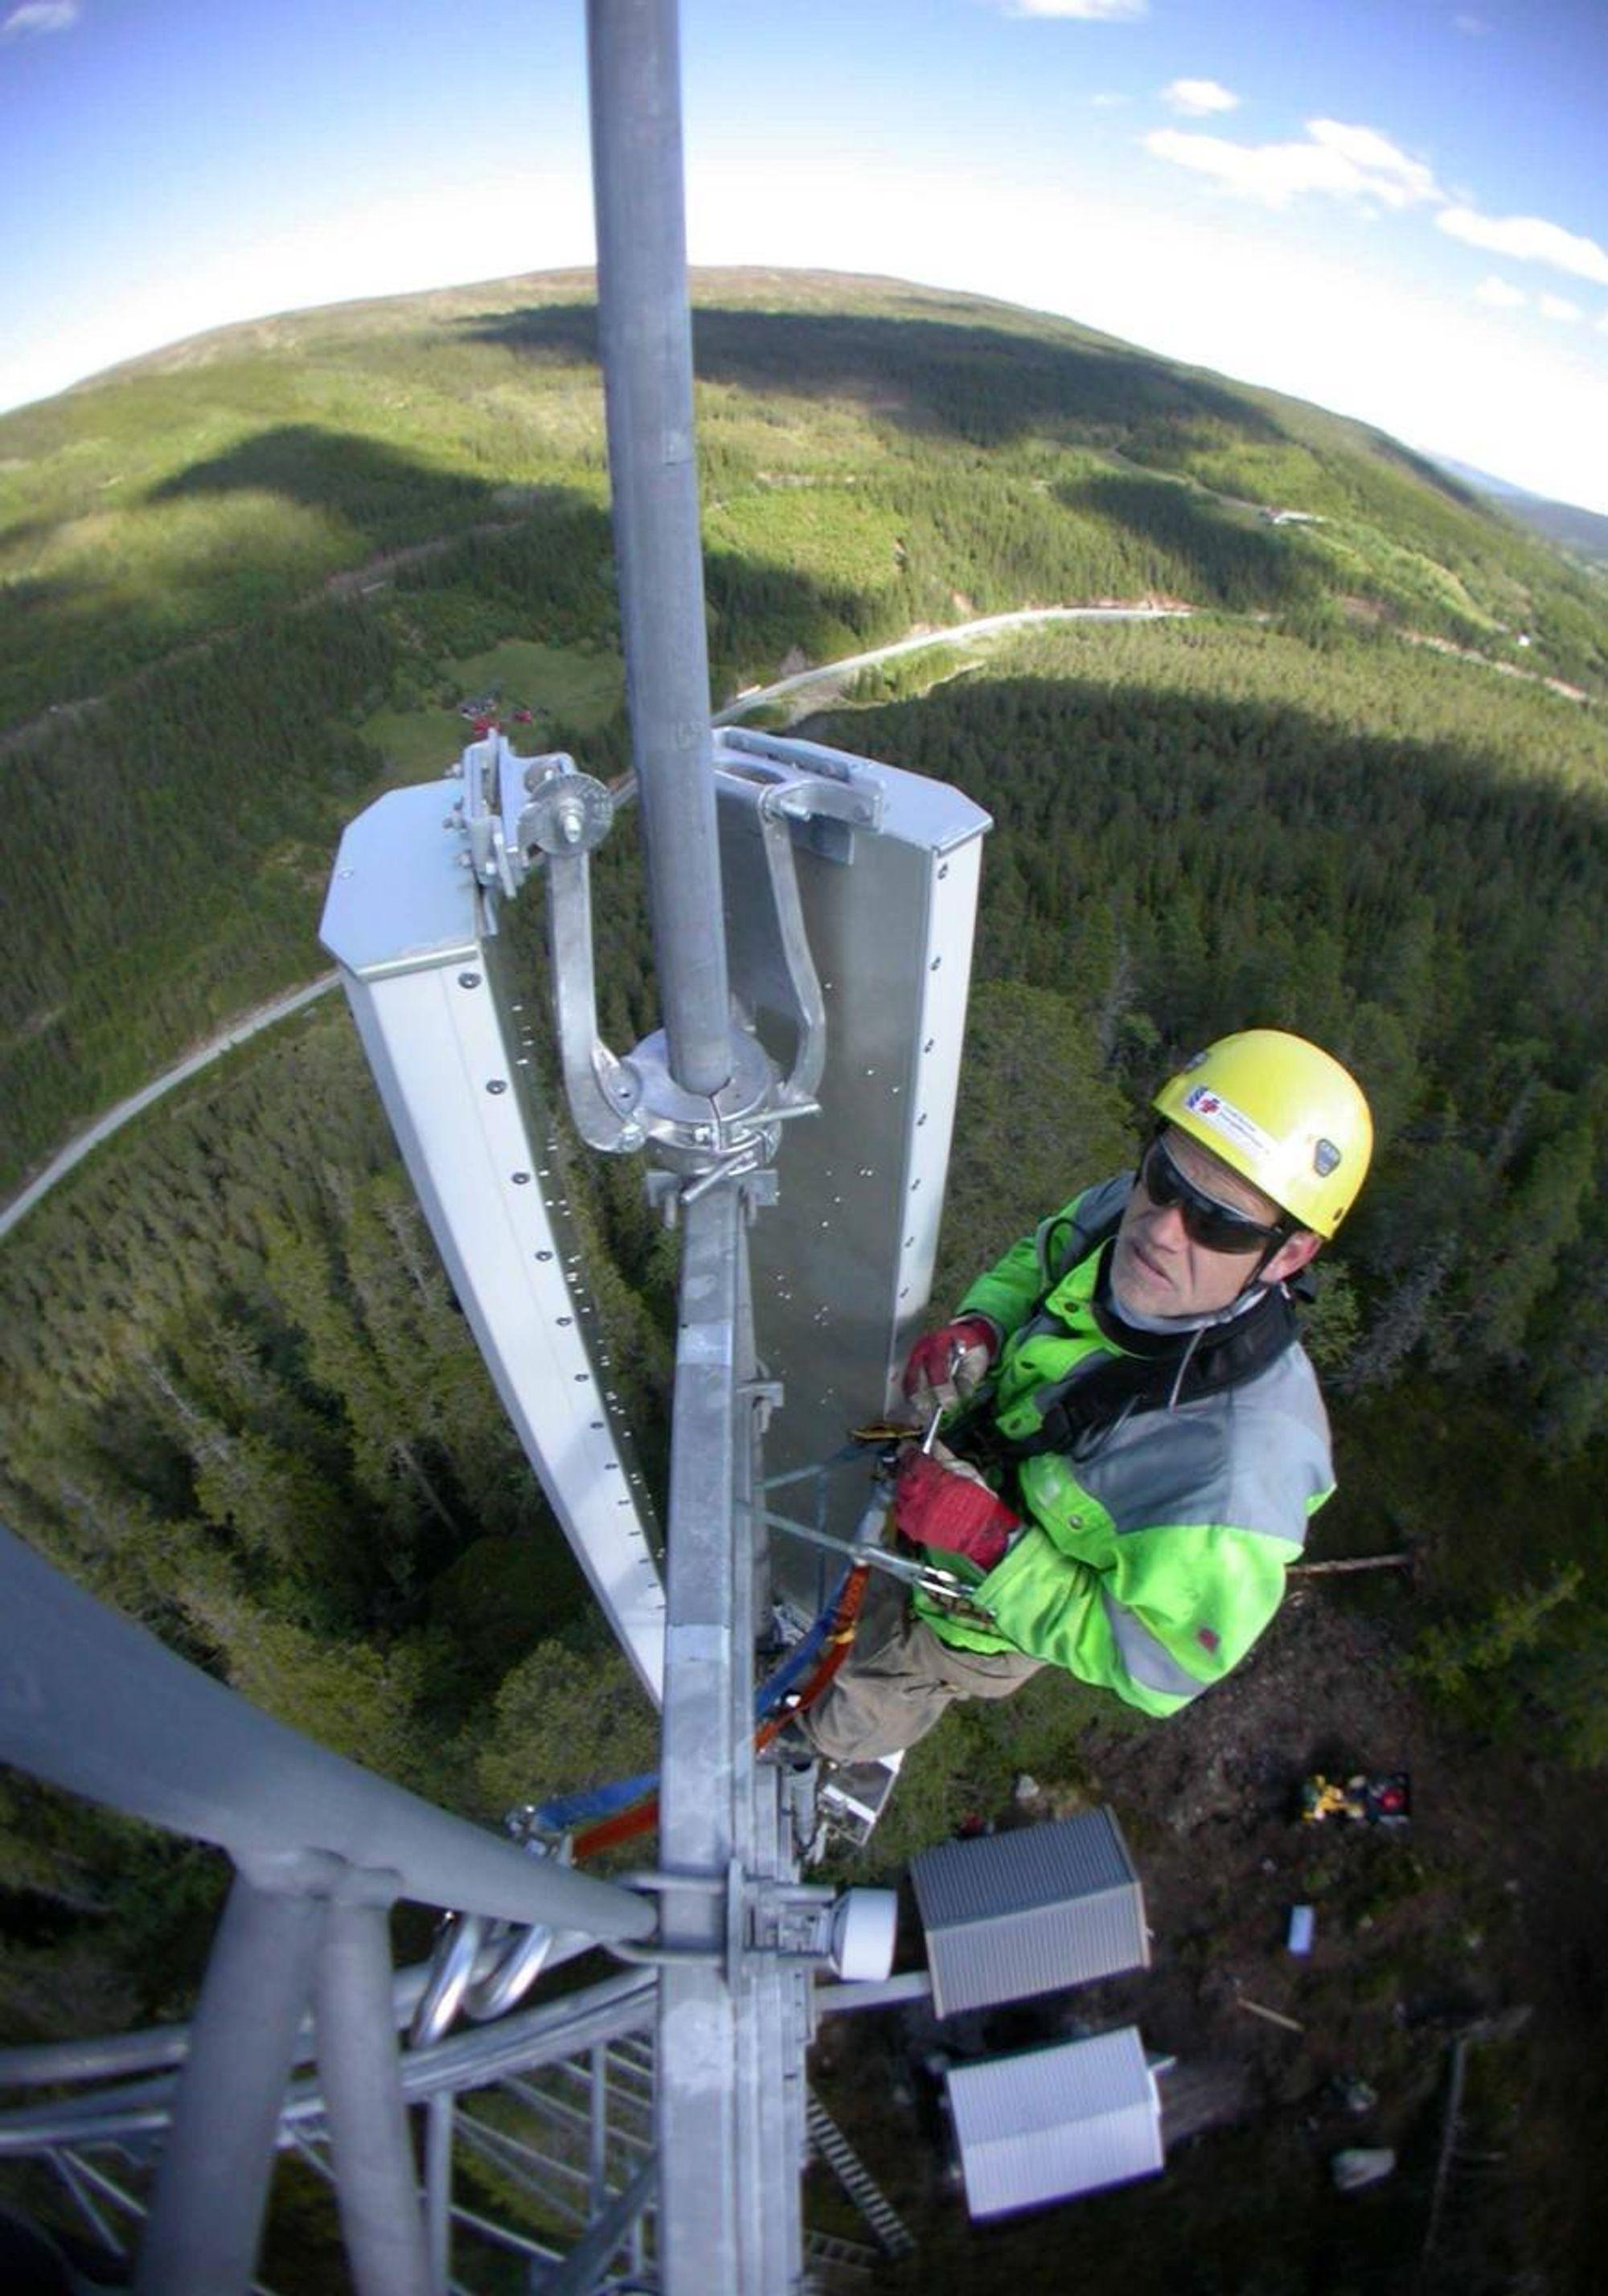 ERFARING: Netel har blant annet erfaring fra utbygging av GSM-R nettet.